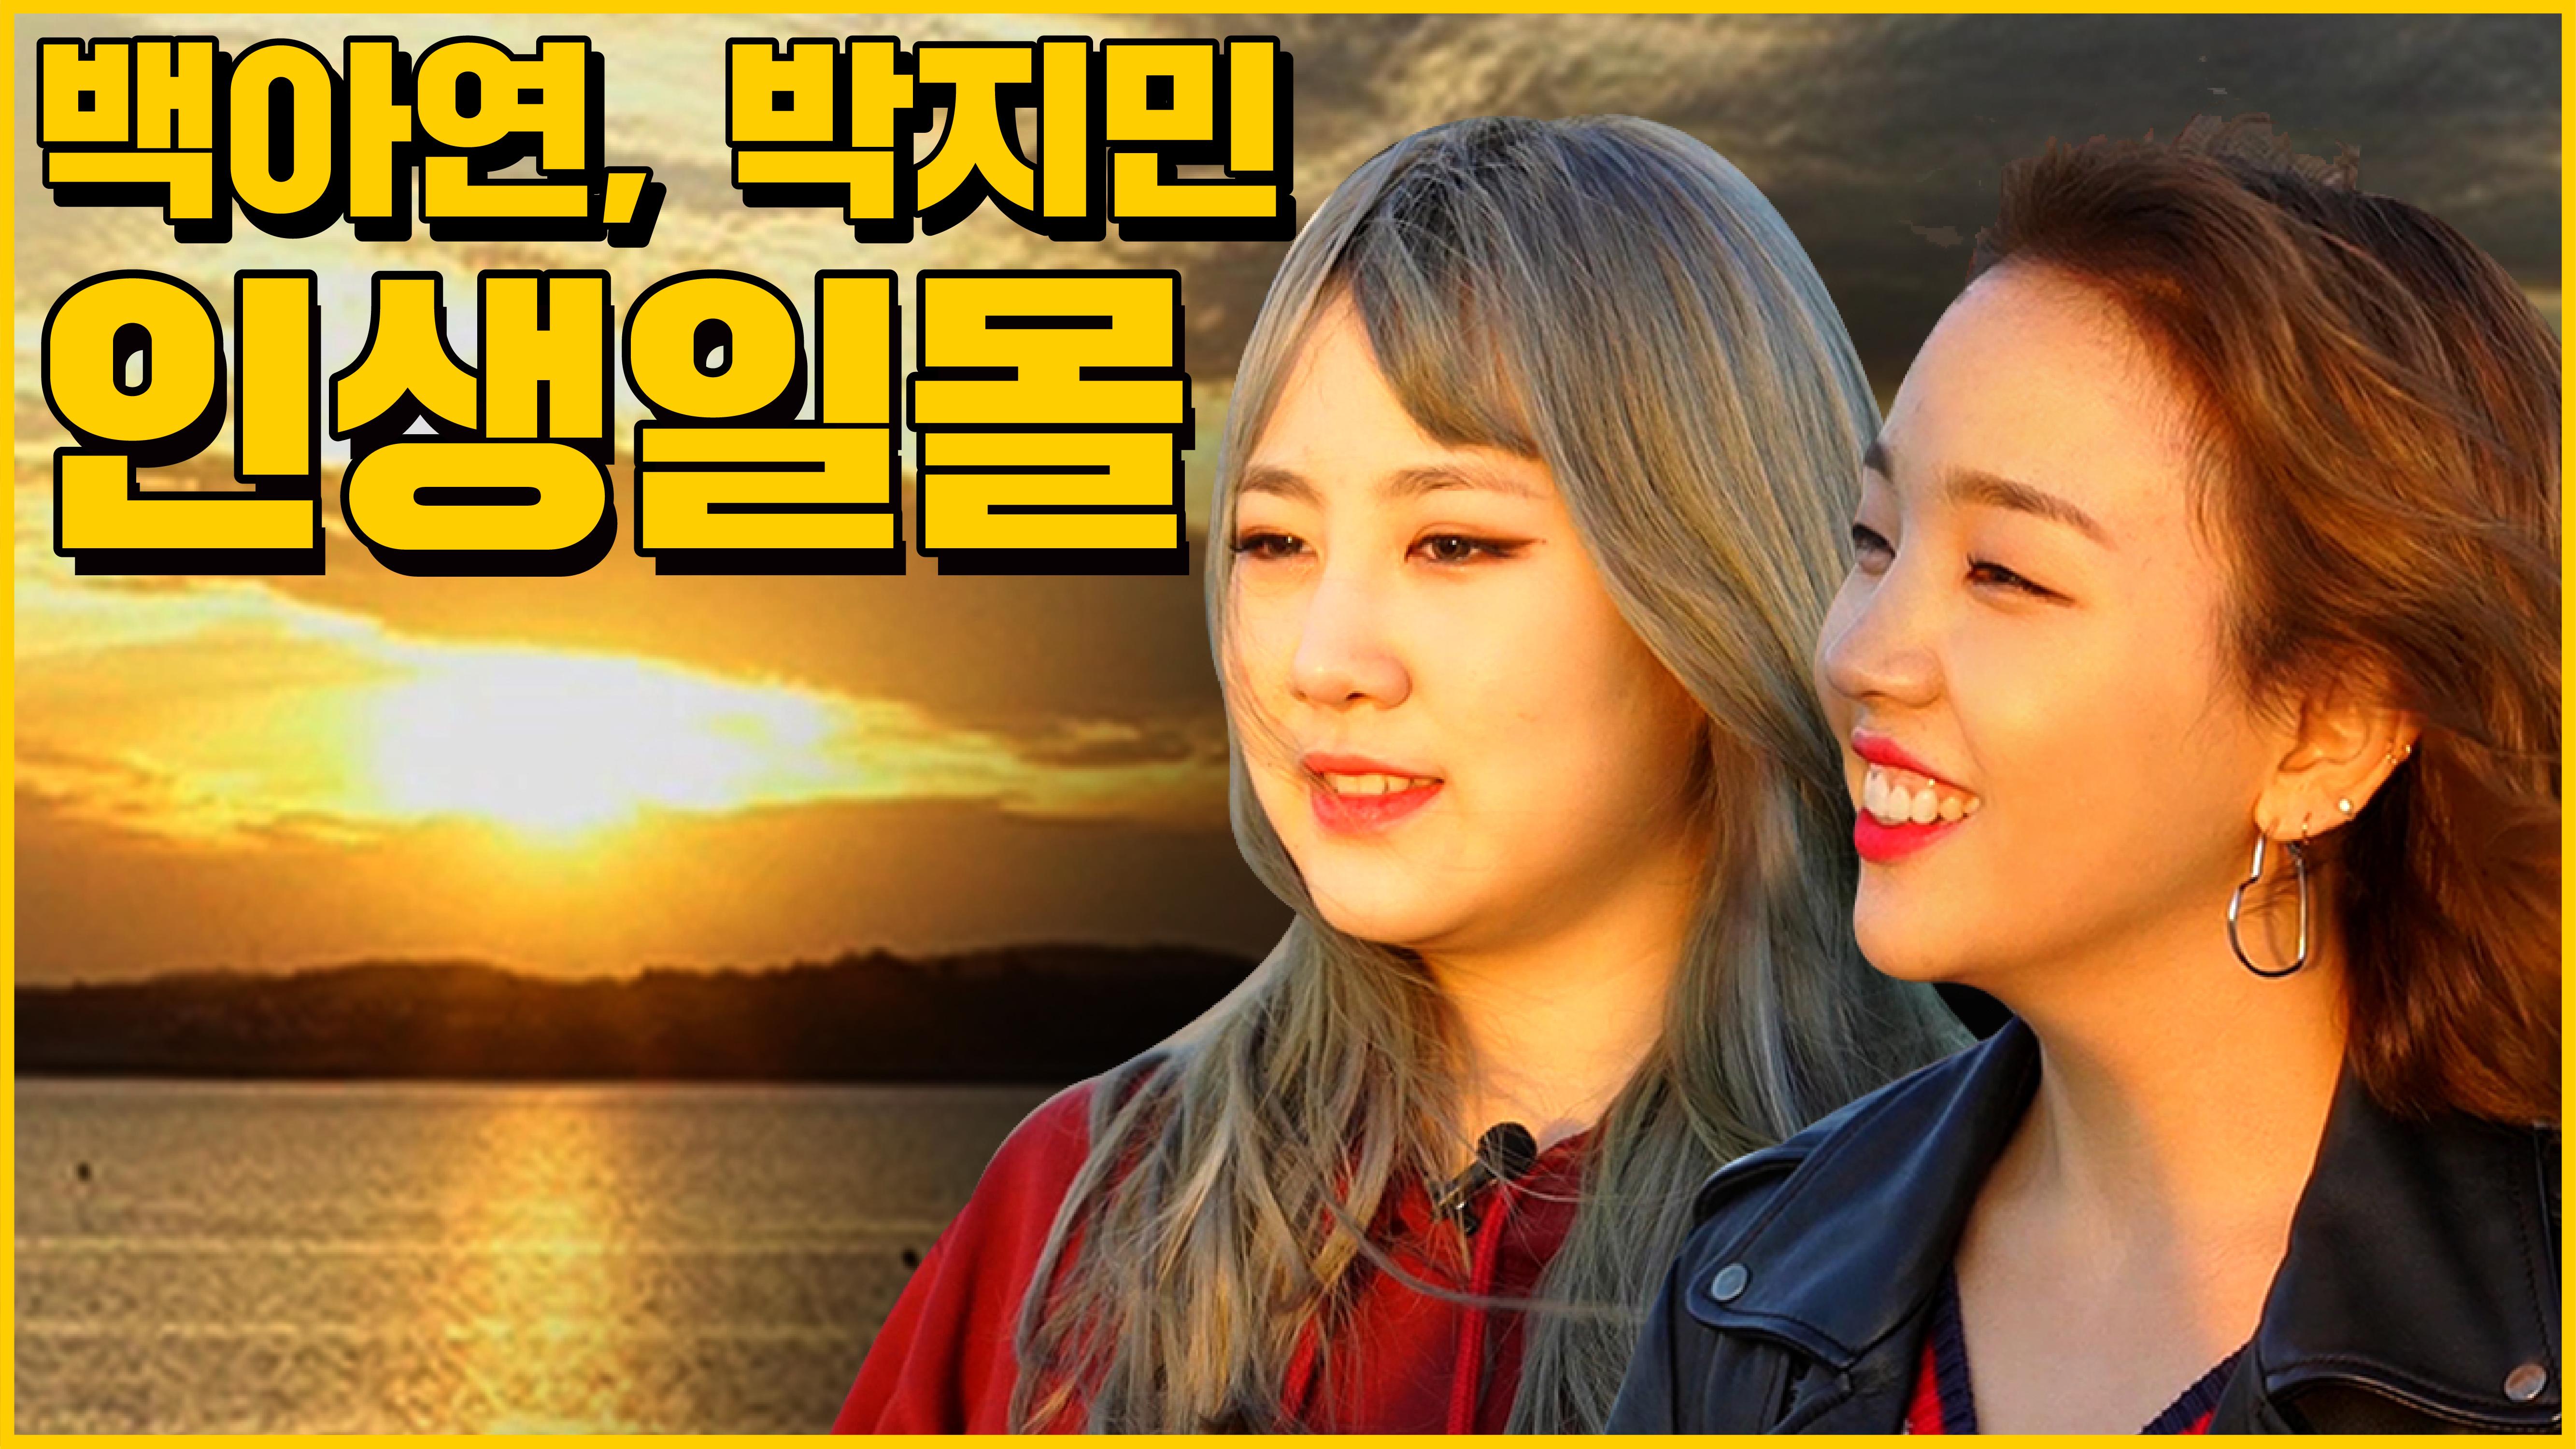 [매떠여 시즌3] Baek a yeon , Park ji min / Ep.06 백아연 박지민 인생와플 앞에서 식욕 봉인해제!